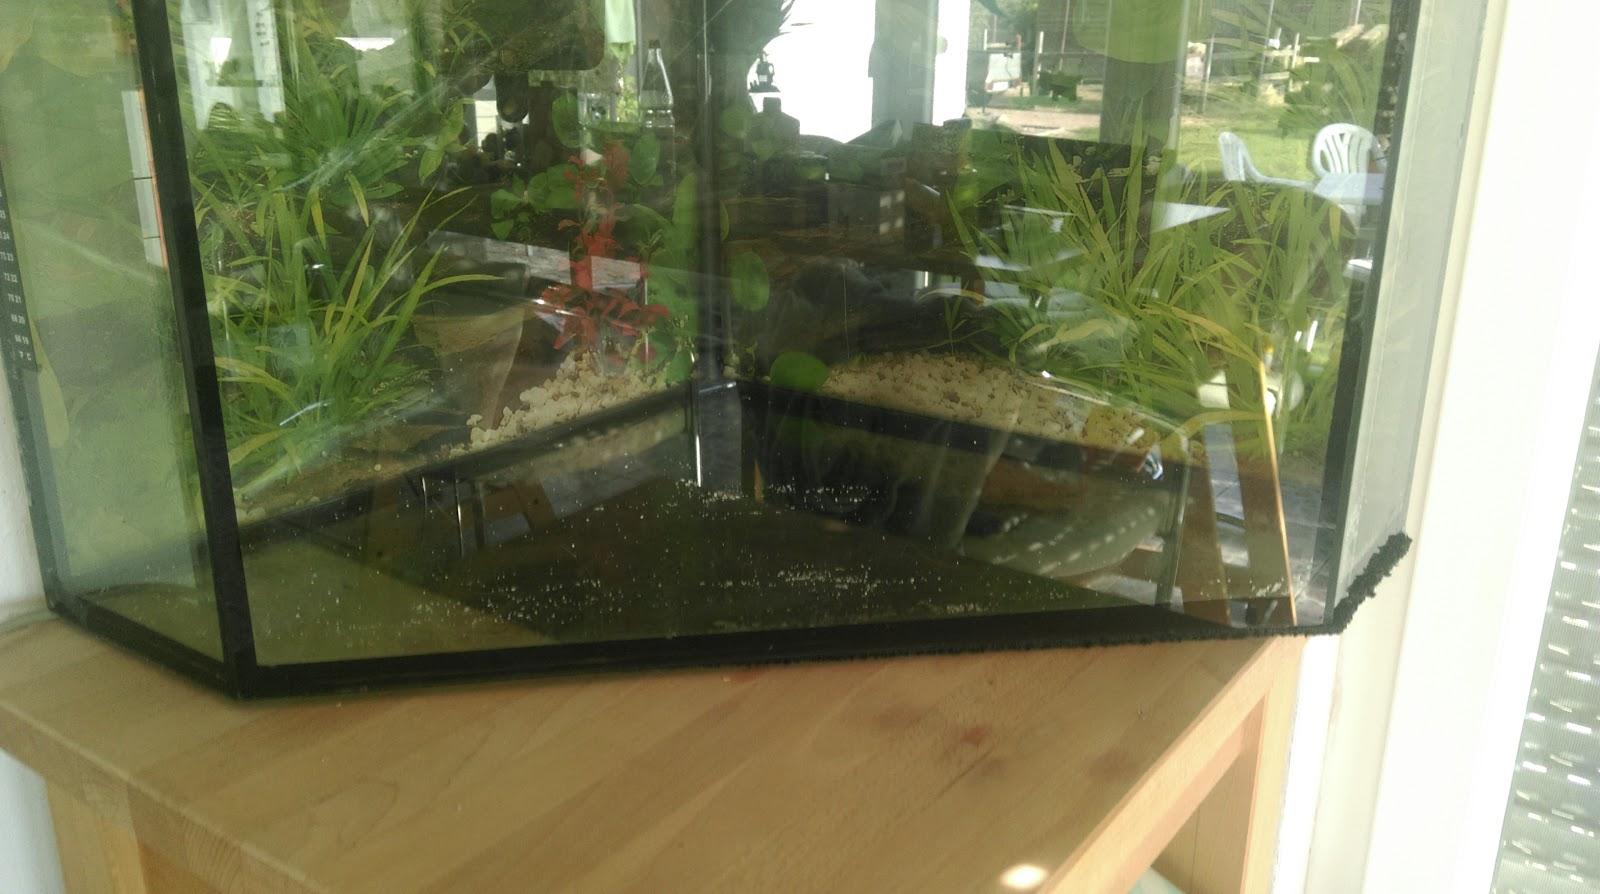 Tisch Aquarium In Terrarium